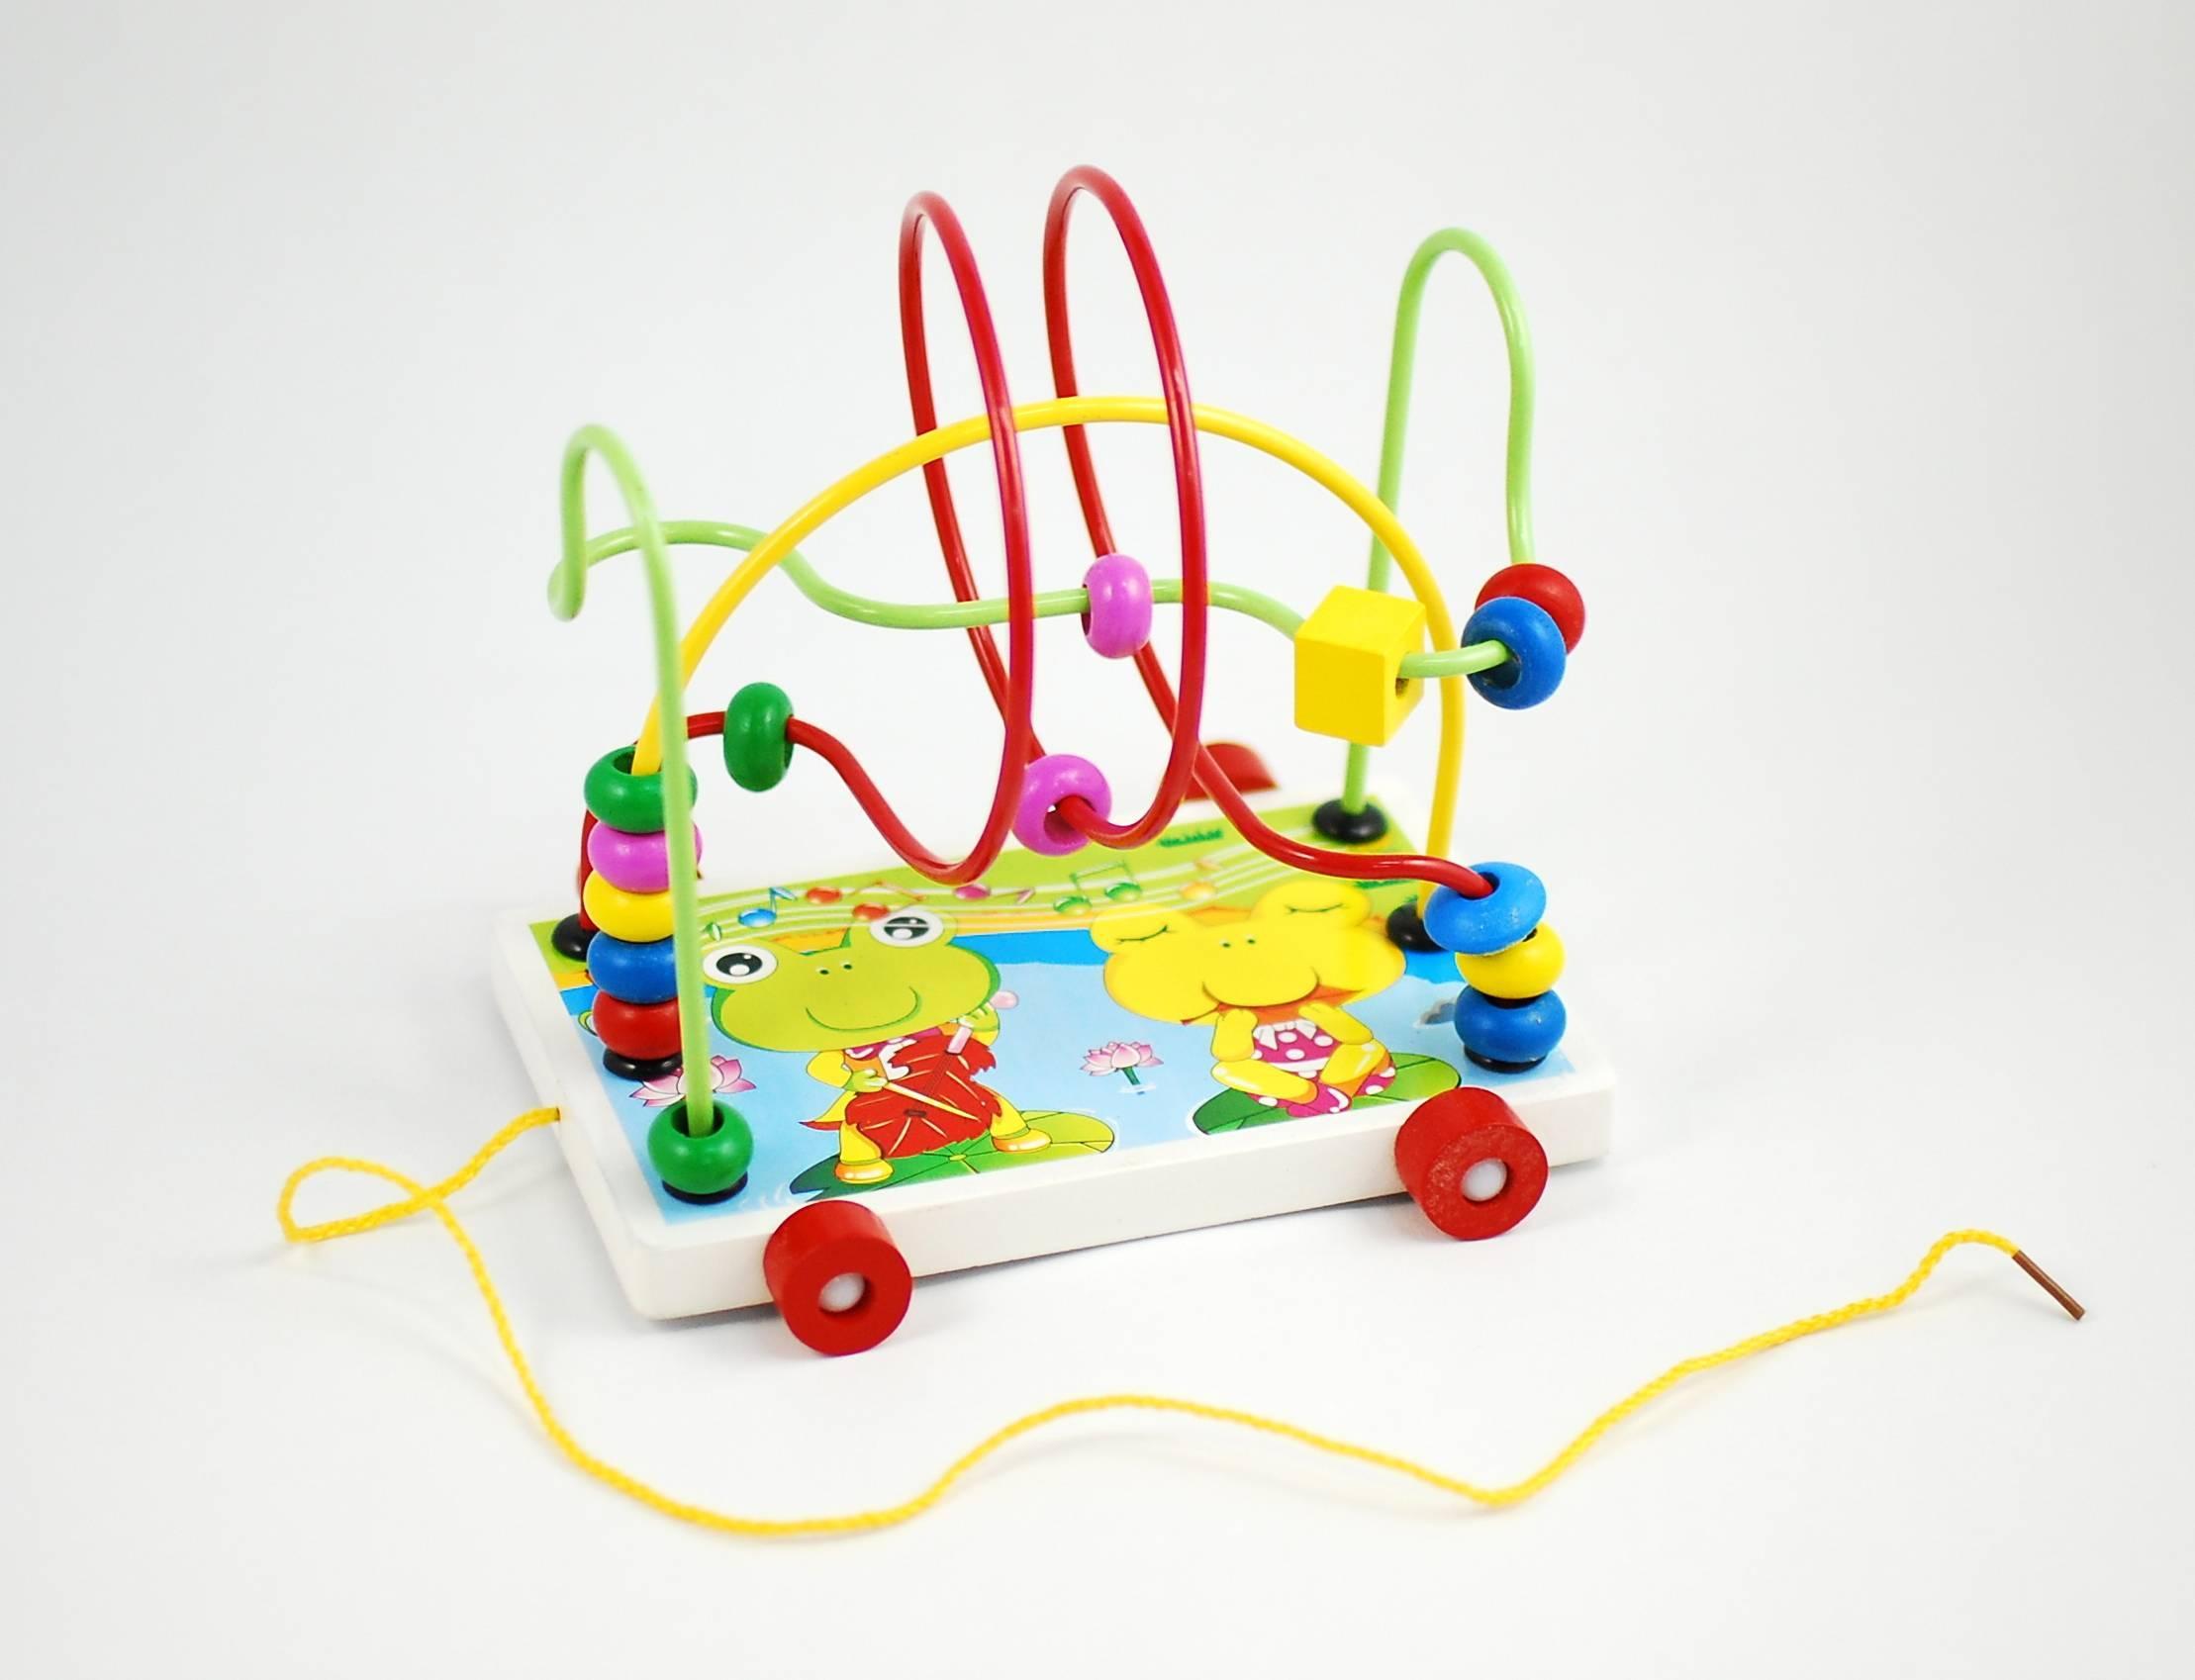 Jucarie creativa labirint din lemn, cu roti - Jucariea poate fi trasa de sfoara de cei mici!